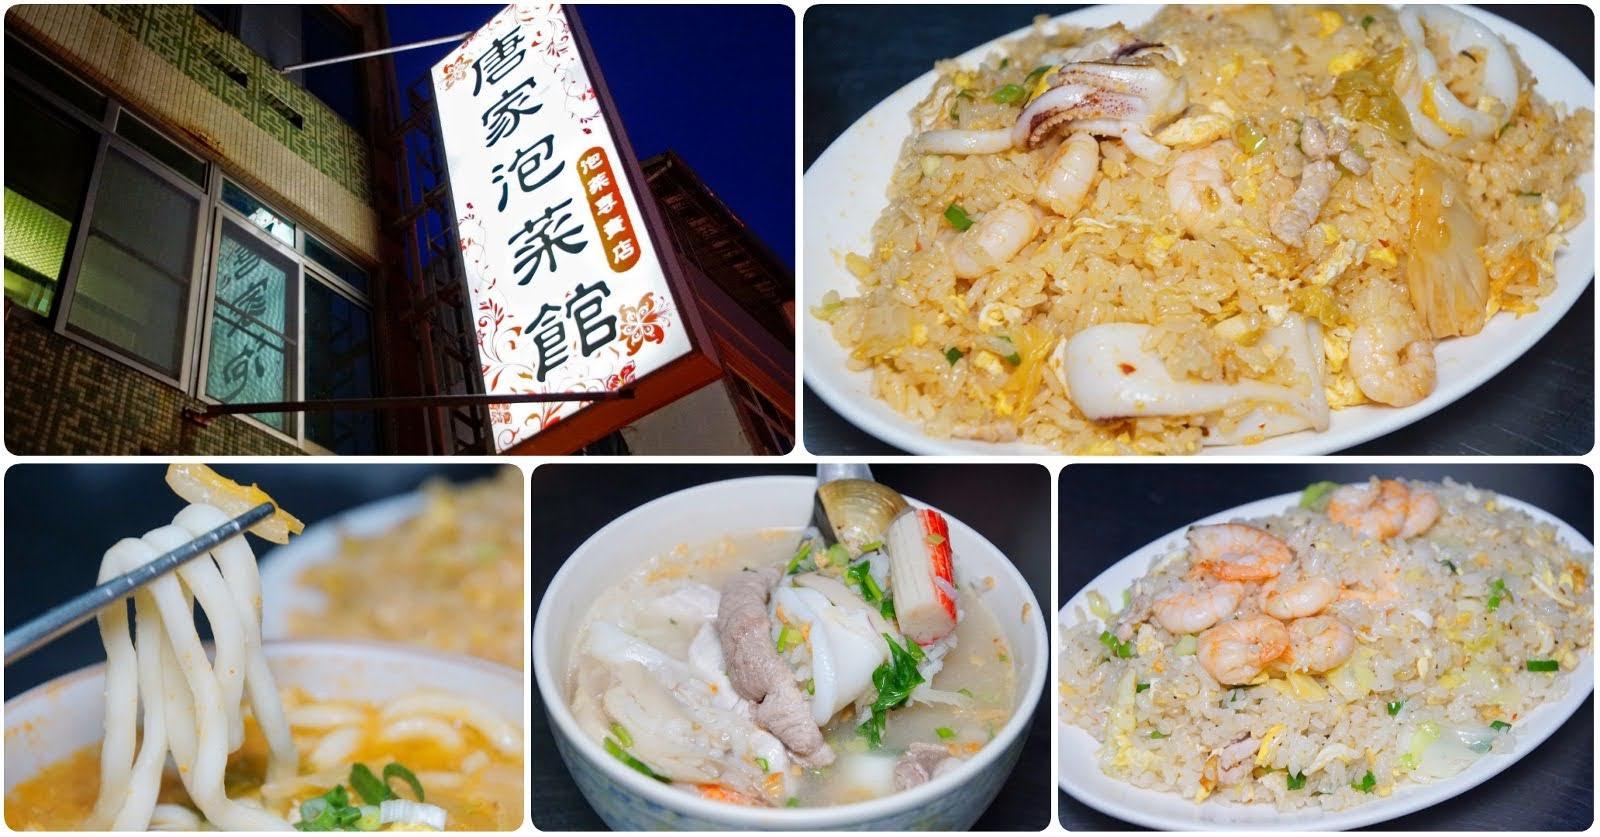 [台南][東區] 唐家泡菜館|超人氣泡菜料理專賣店|食記